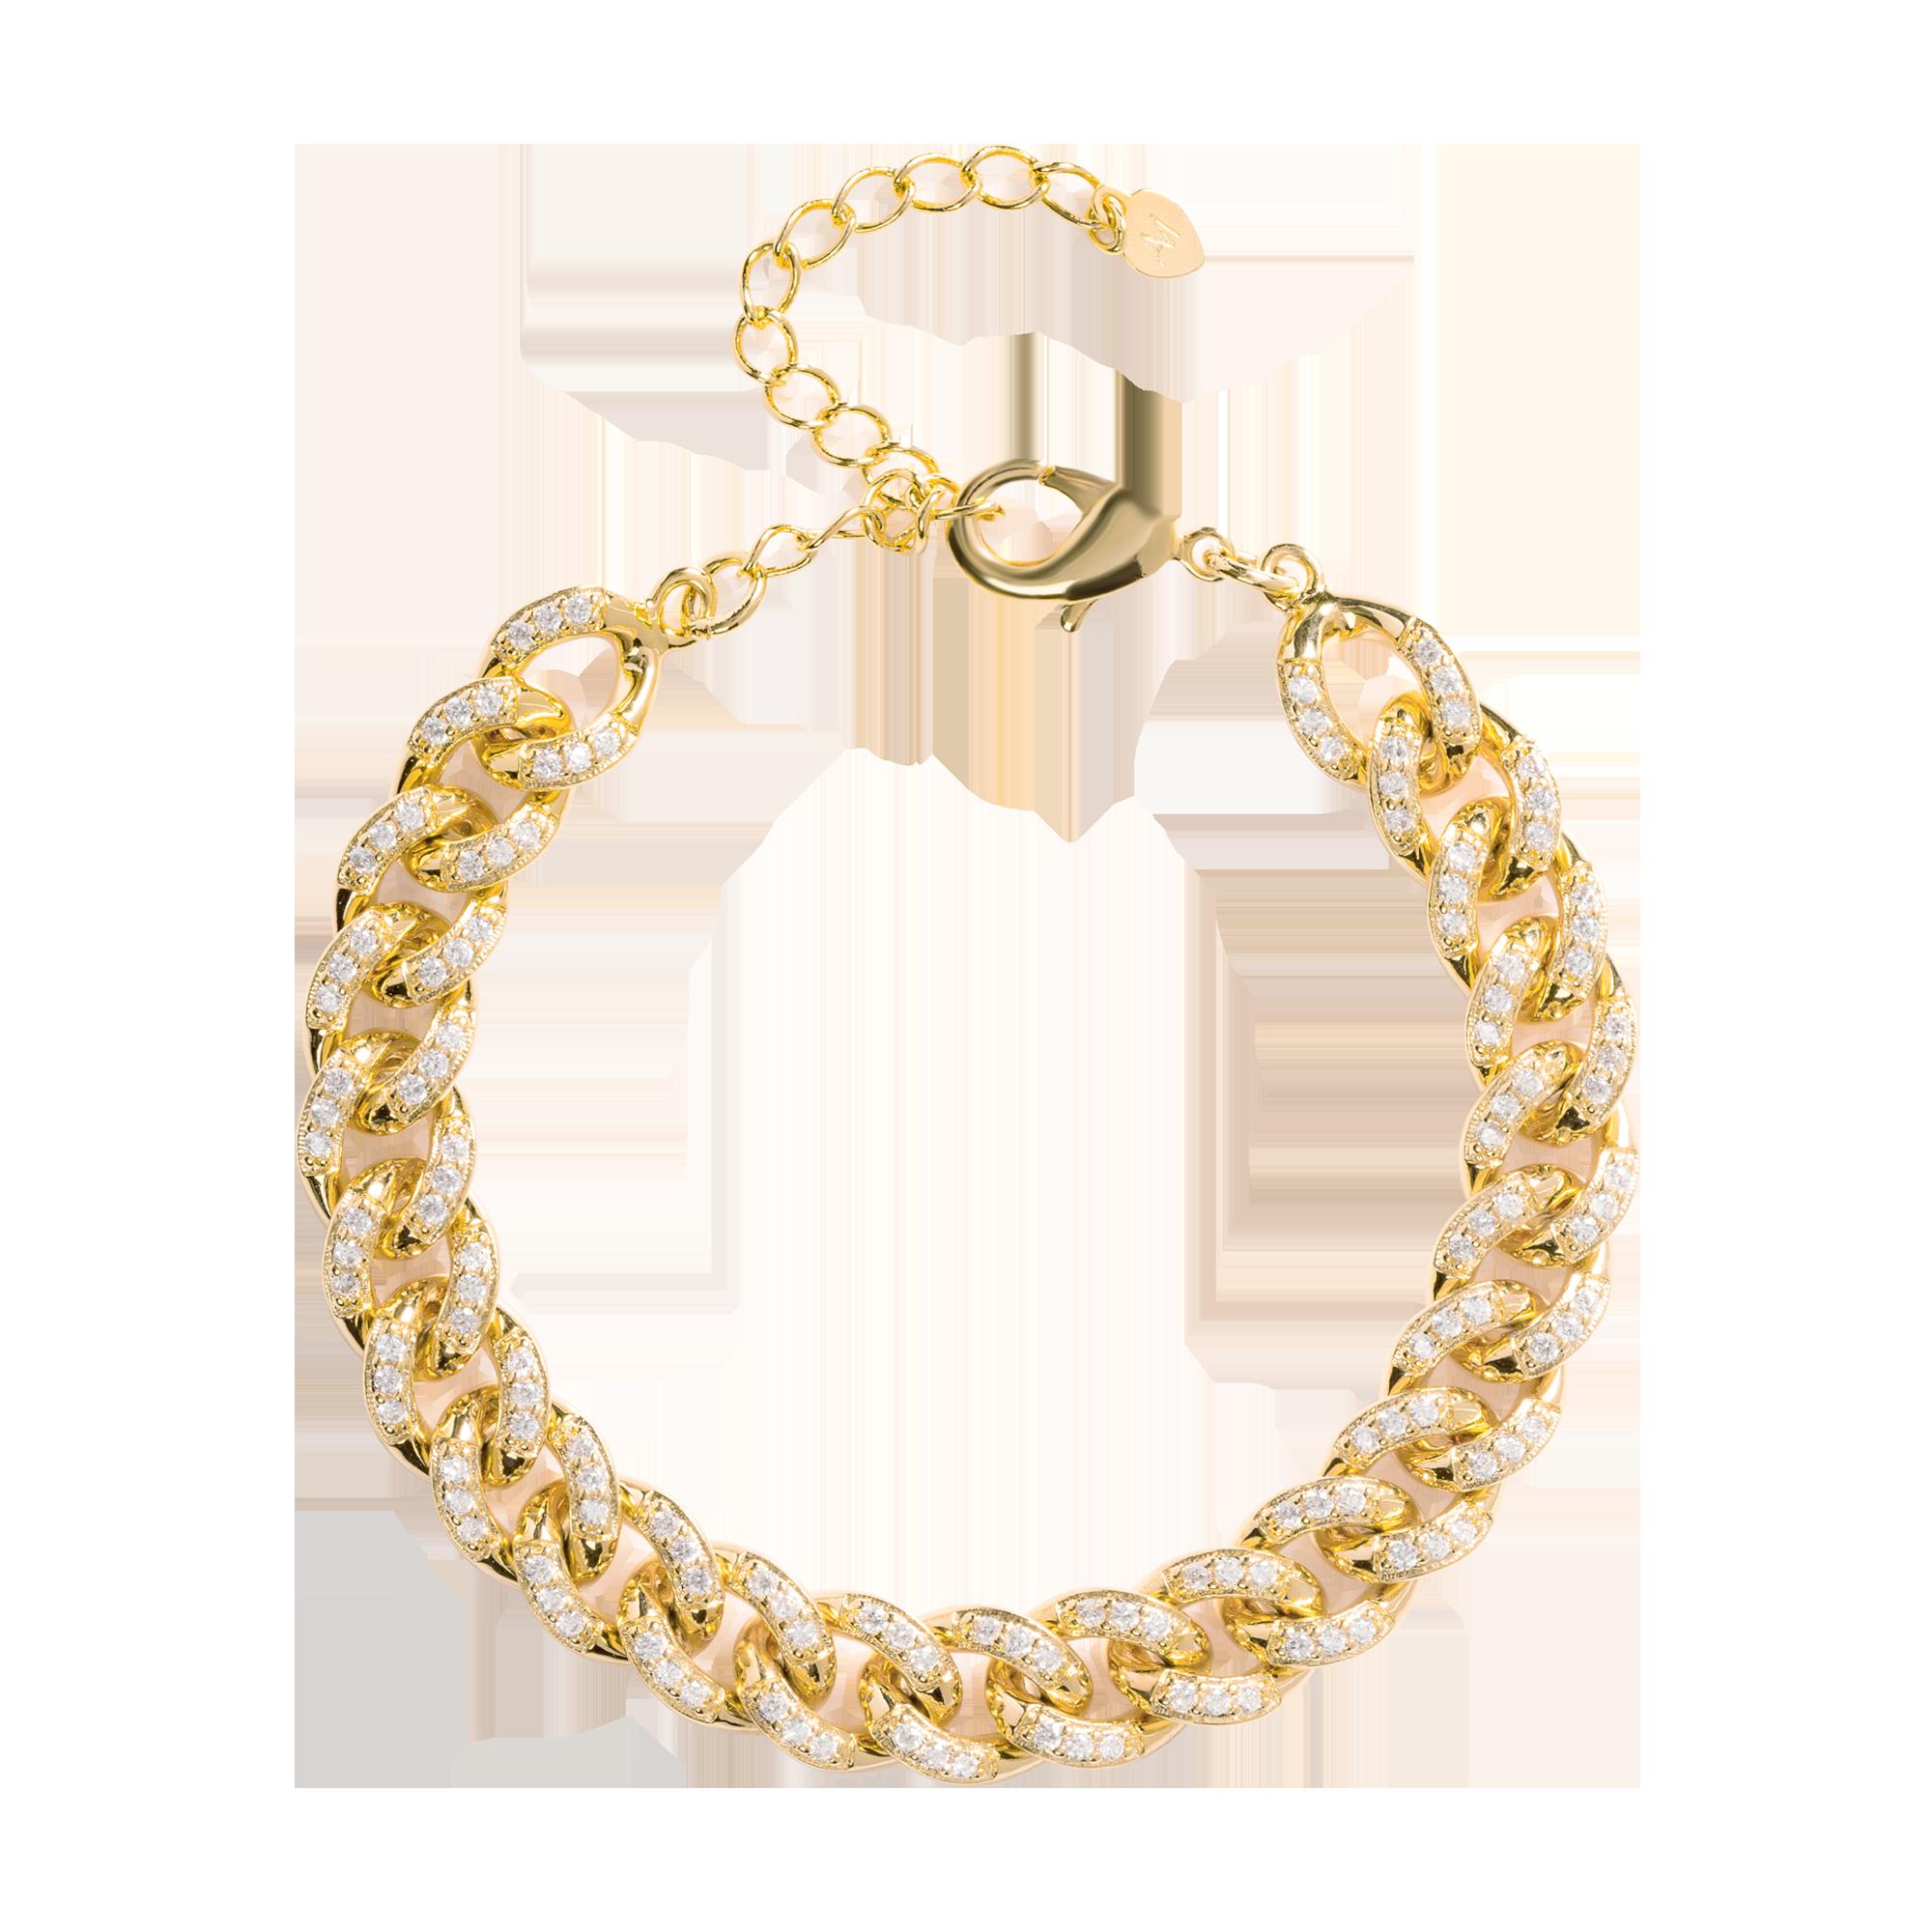 Bracelets product image